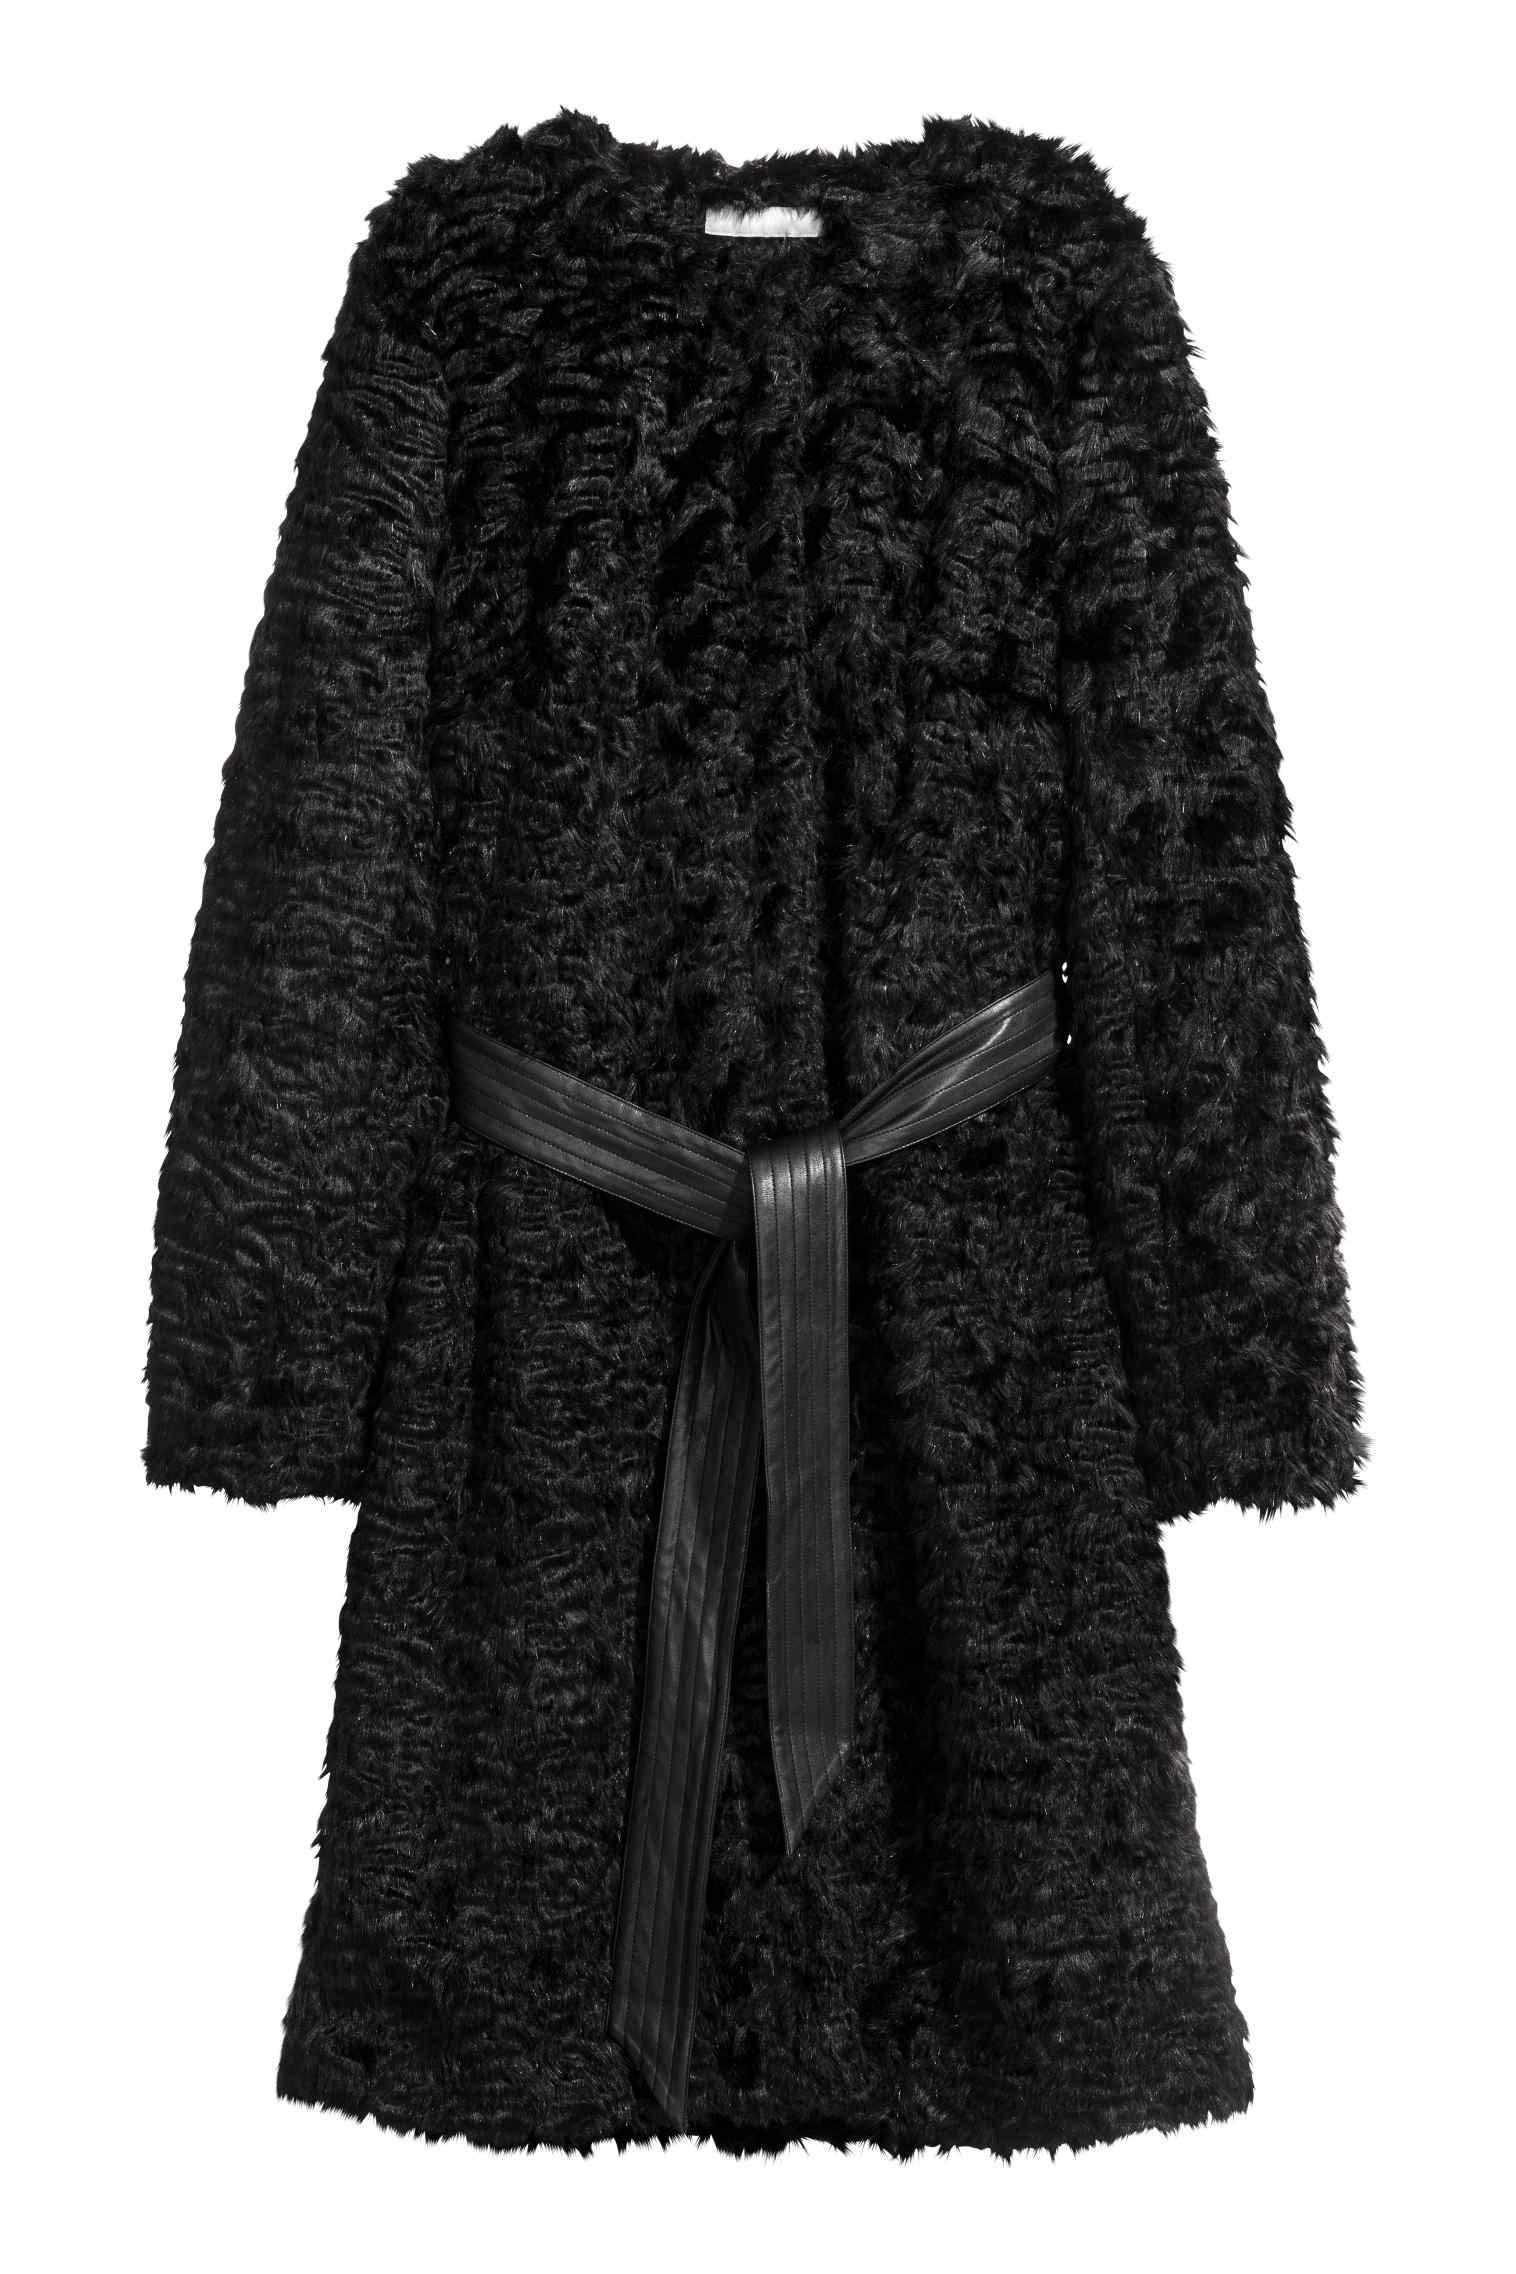 tedddy coat moda 2018 h&m